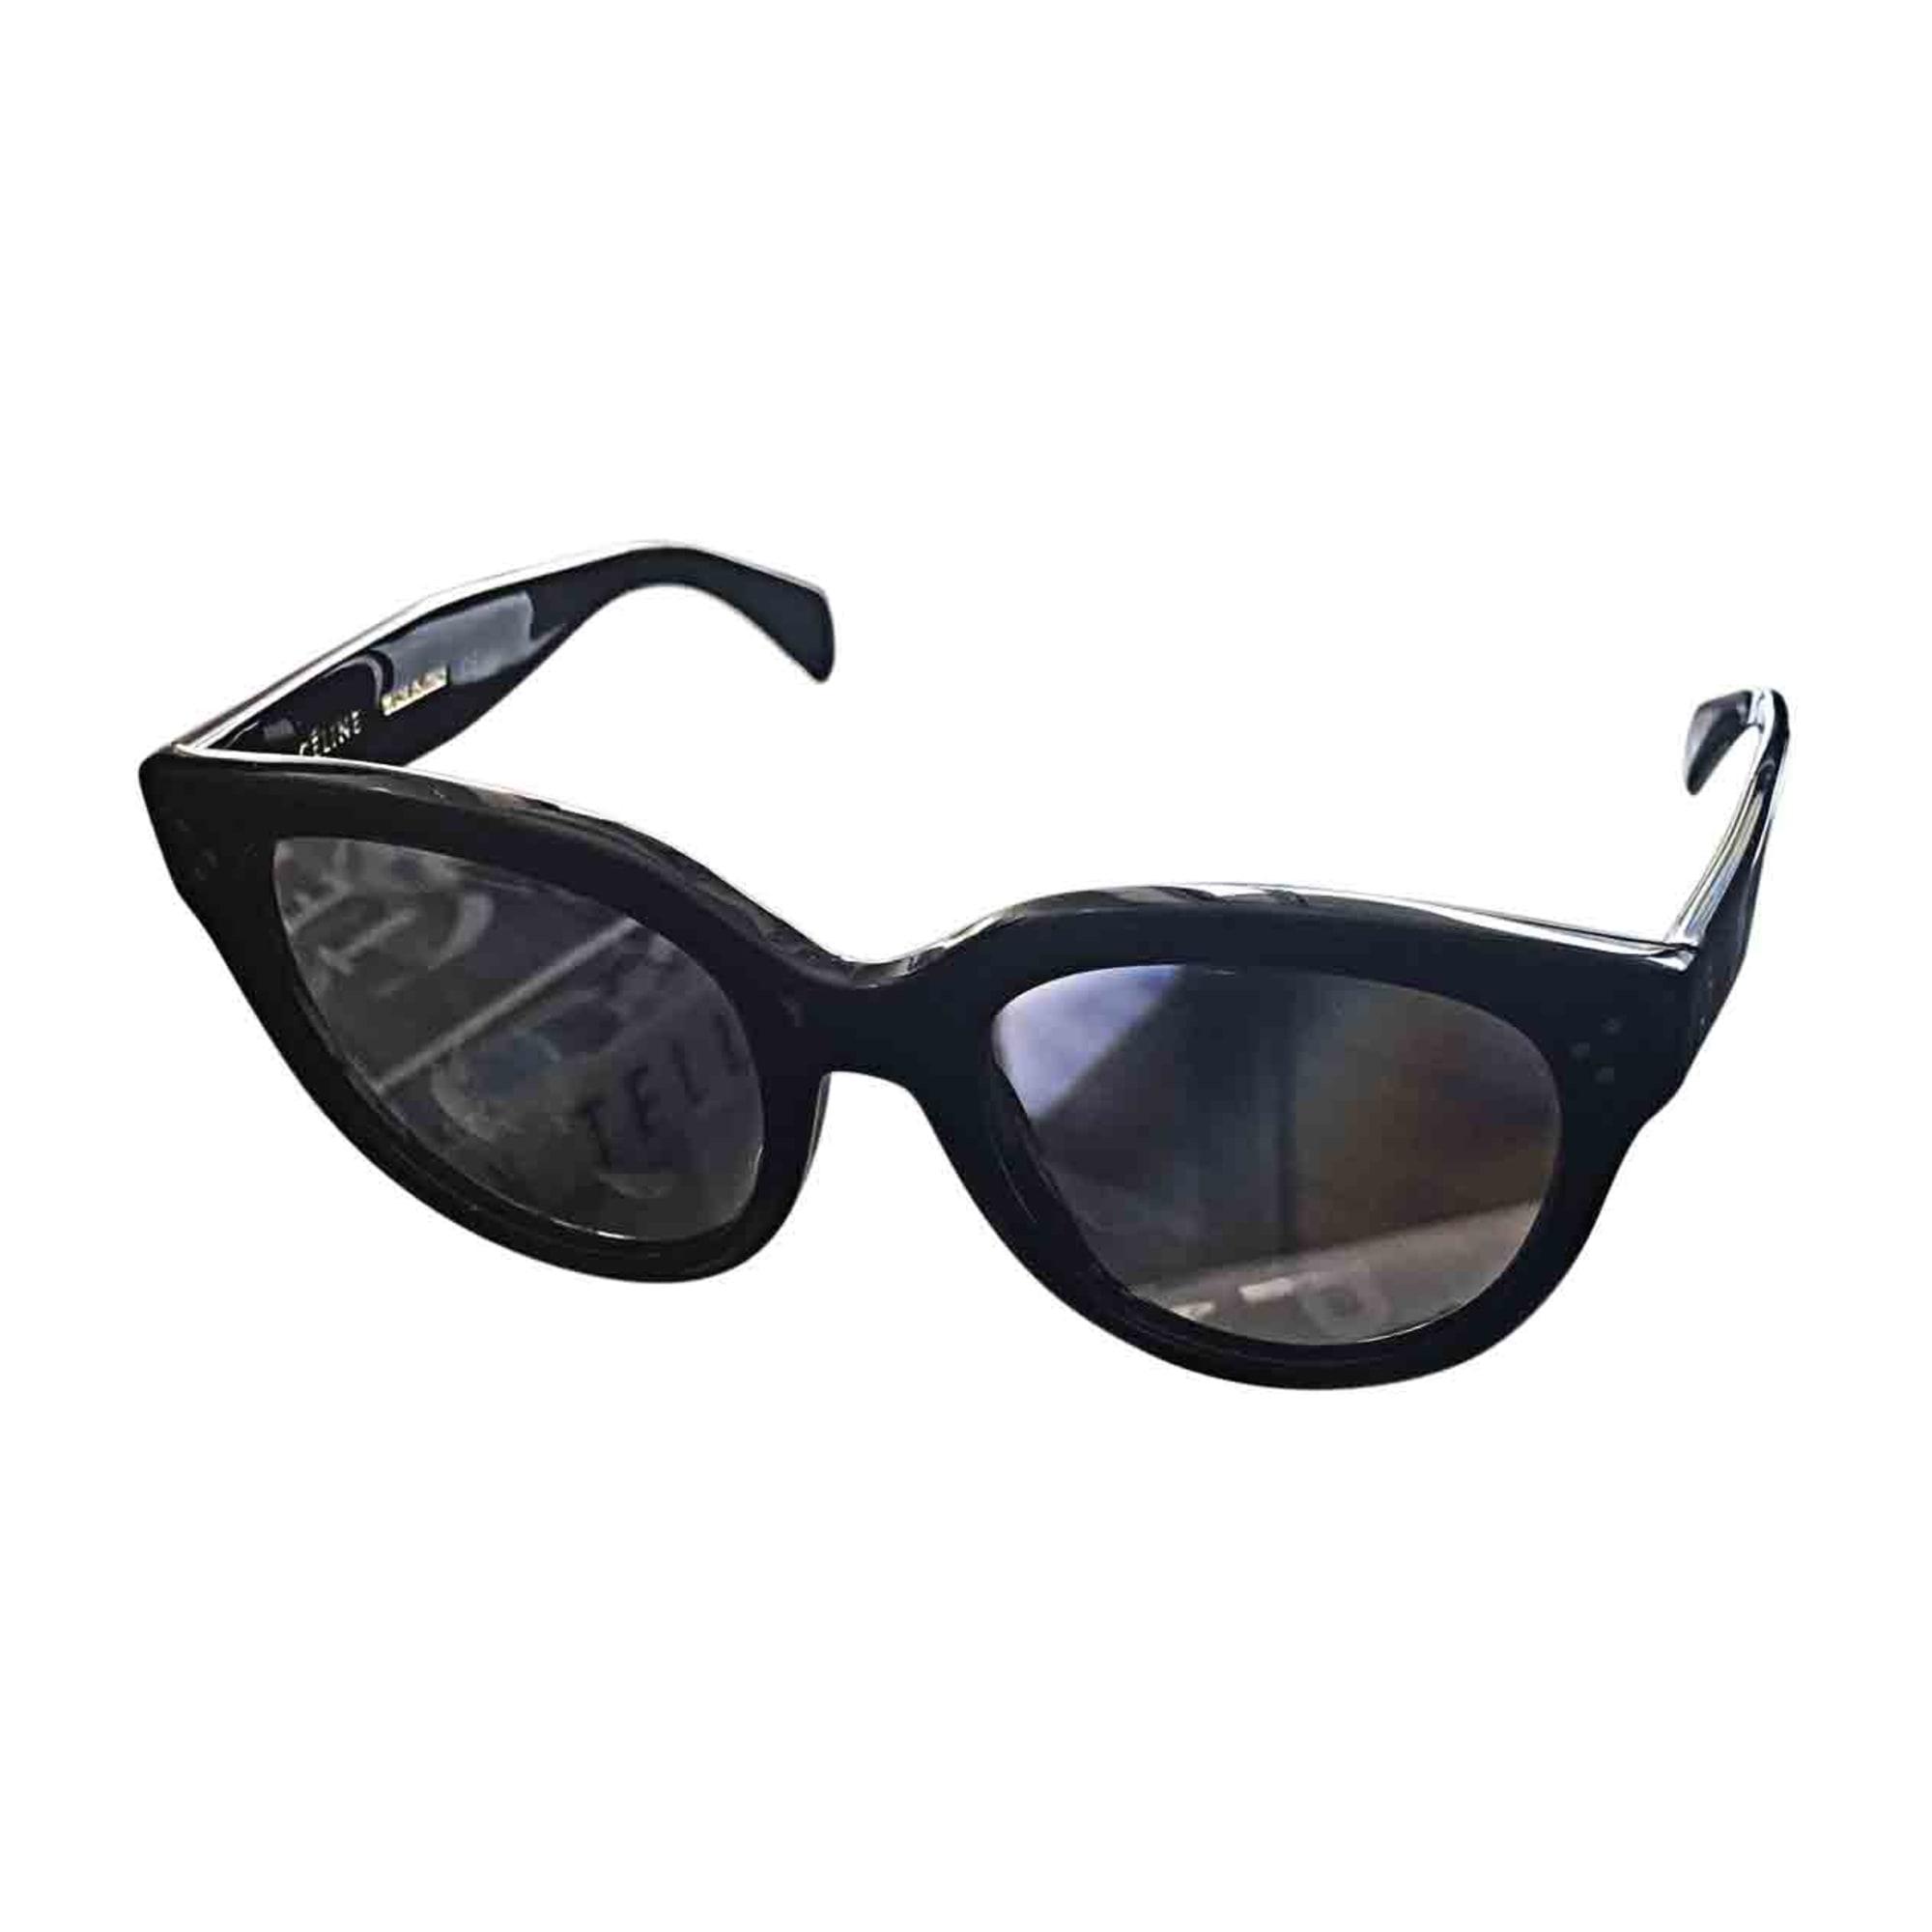 d65728e408e7c8 Lunettes de soleil CÉLINE noir vendu par Jenfrenchie - 6567655